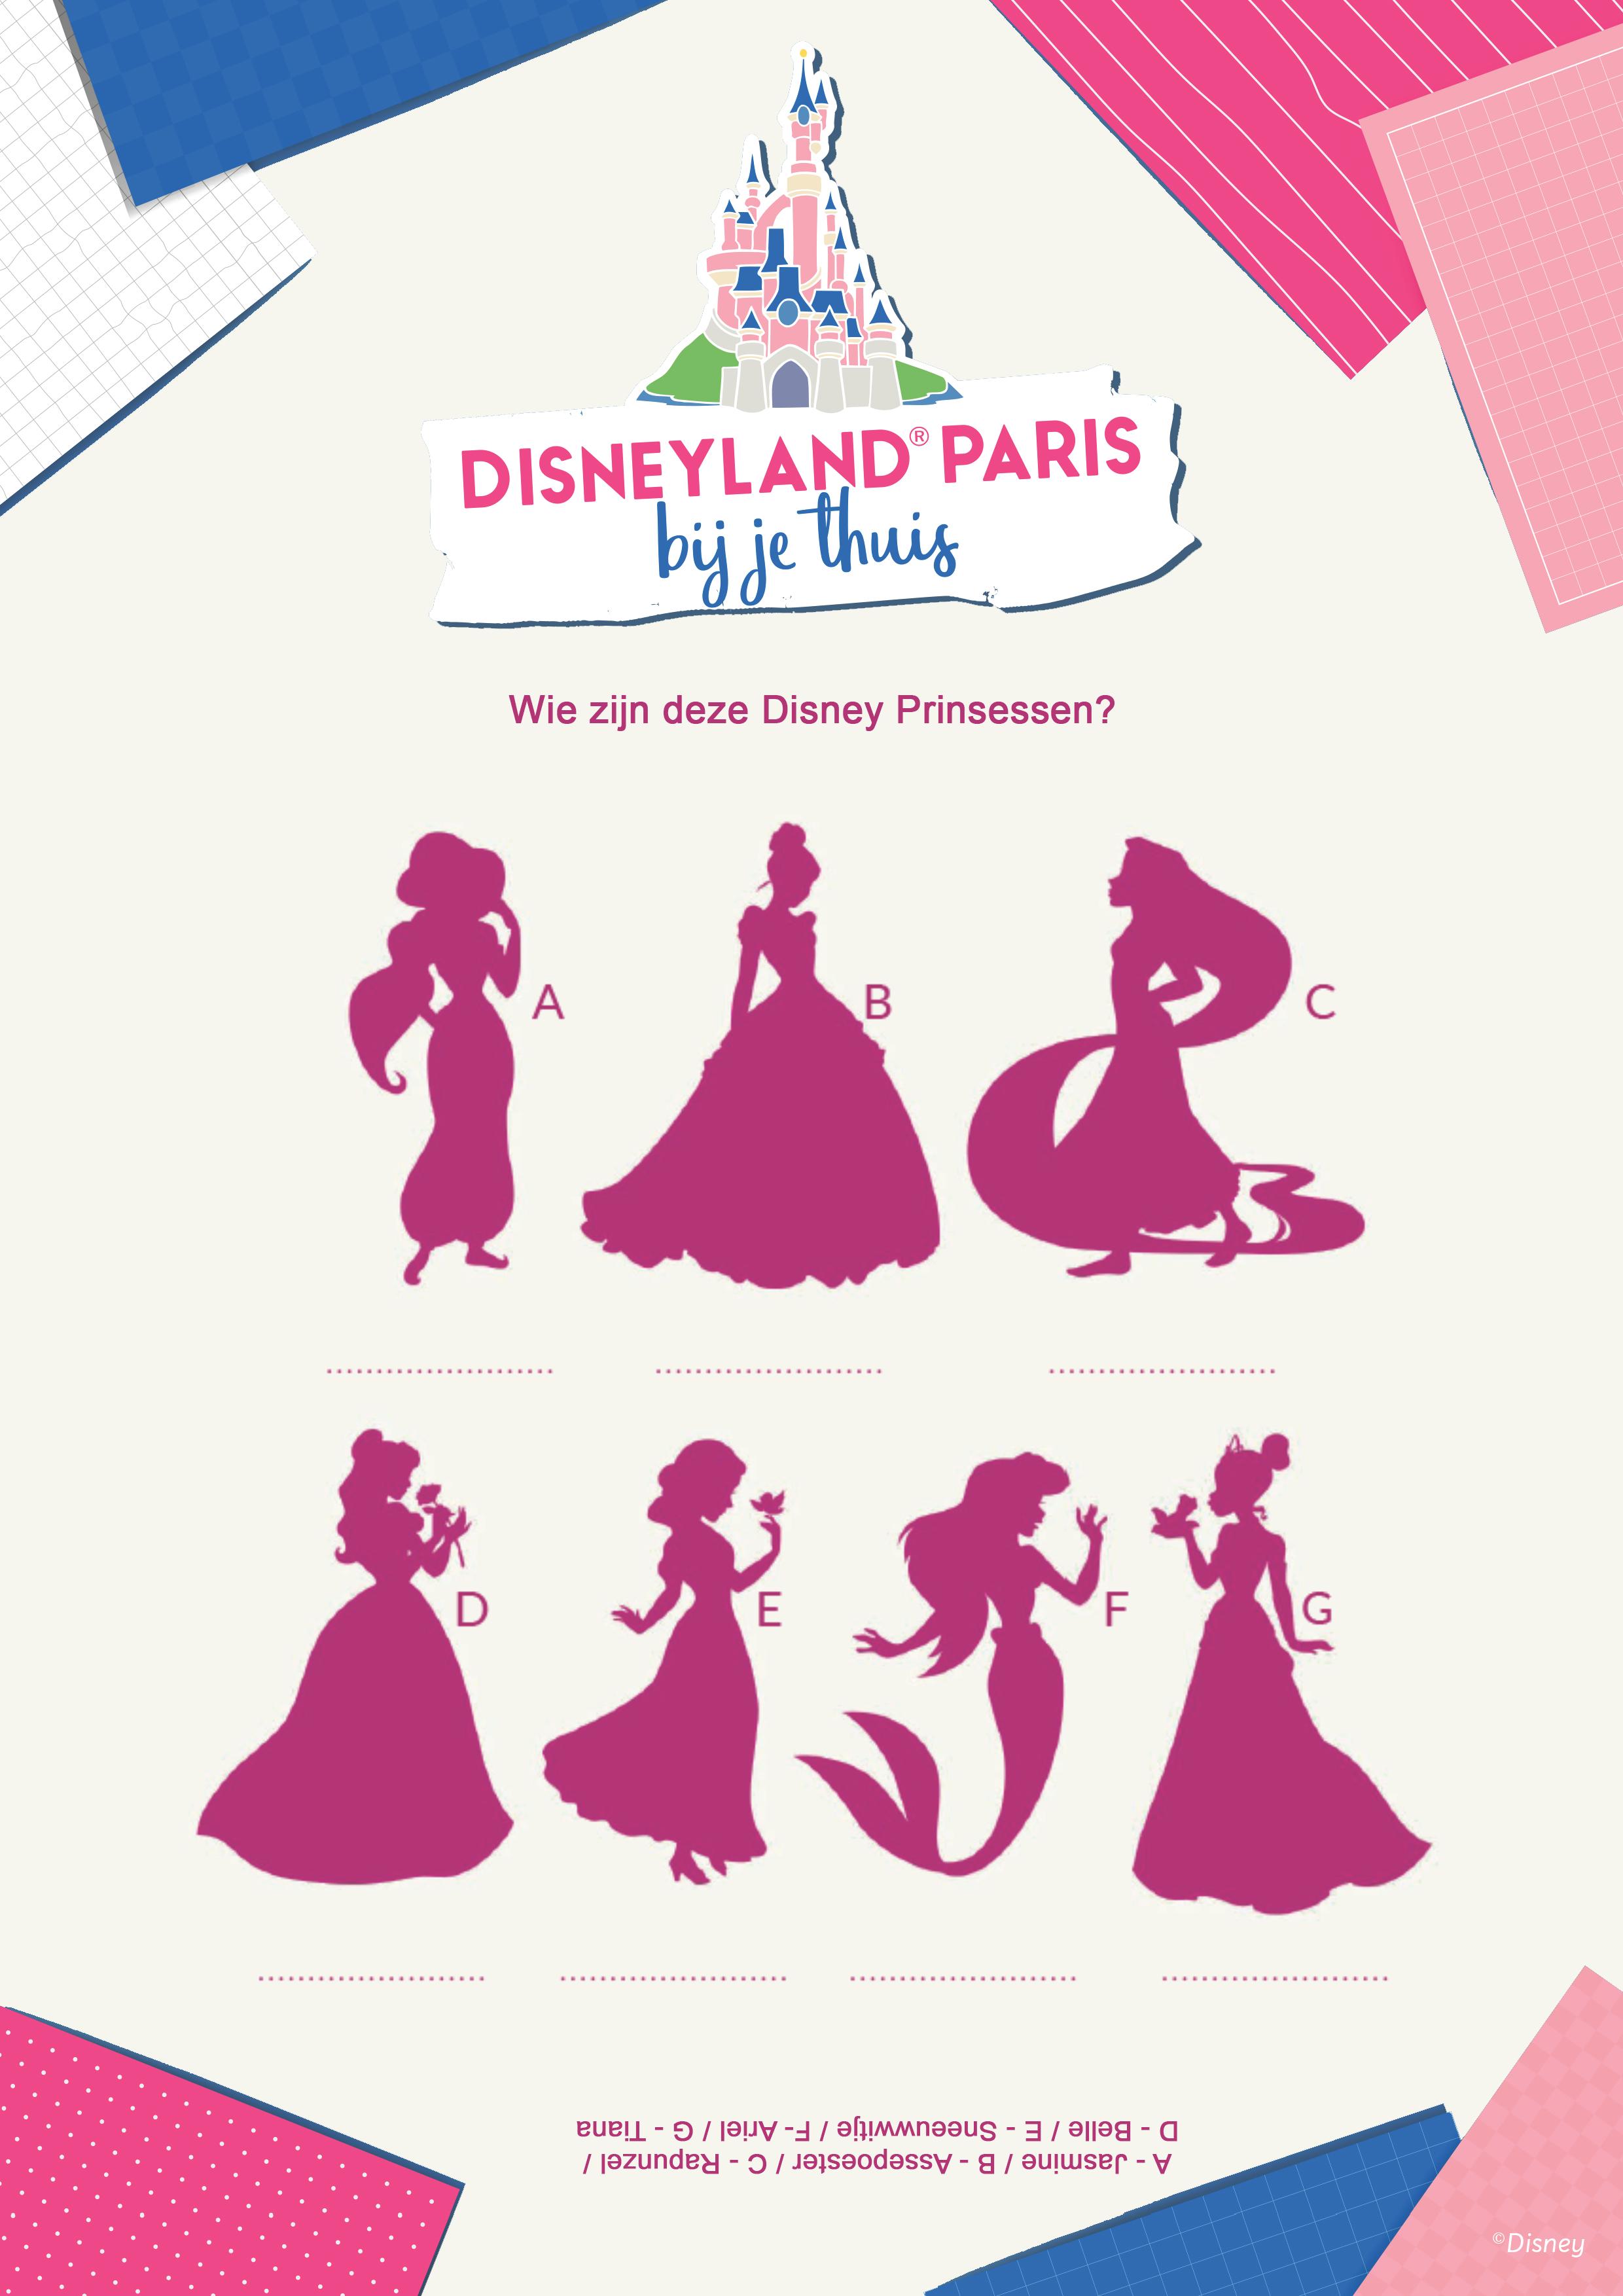 Wie zjin deze Disney Princessen